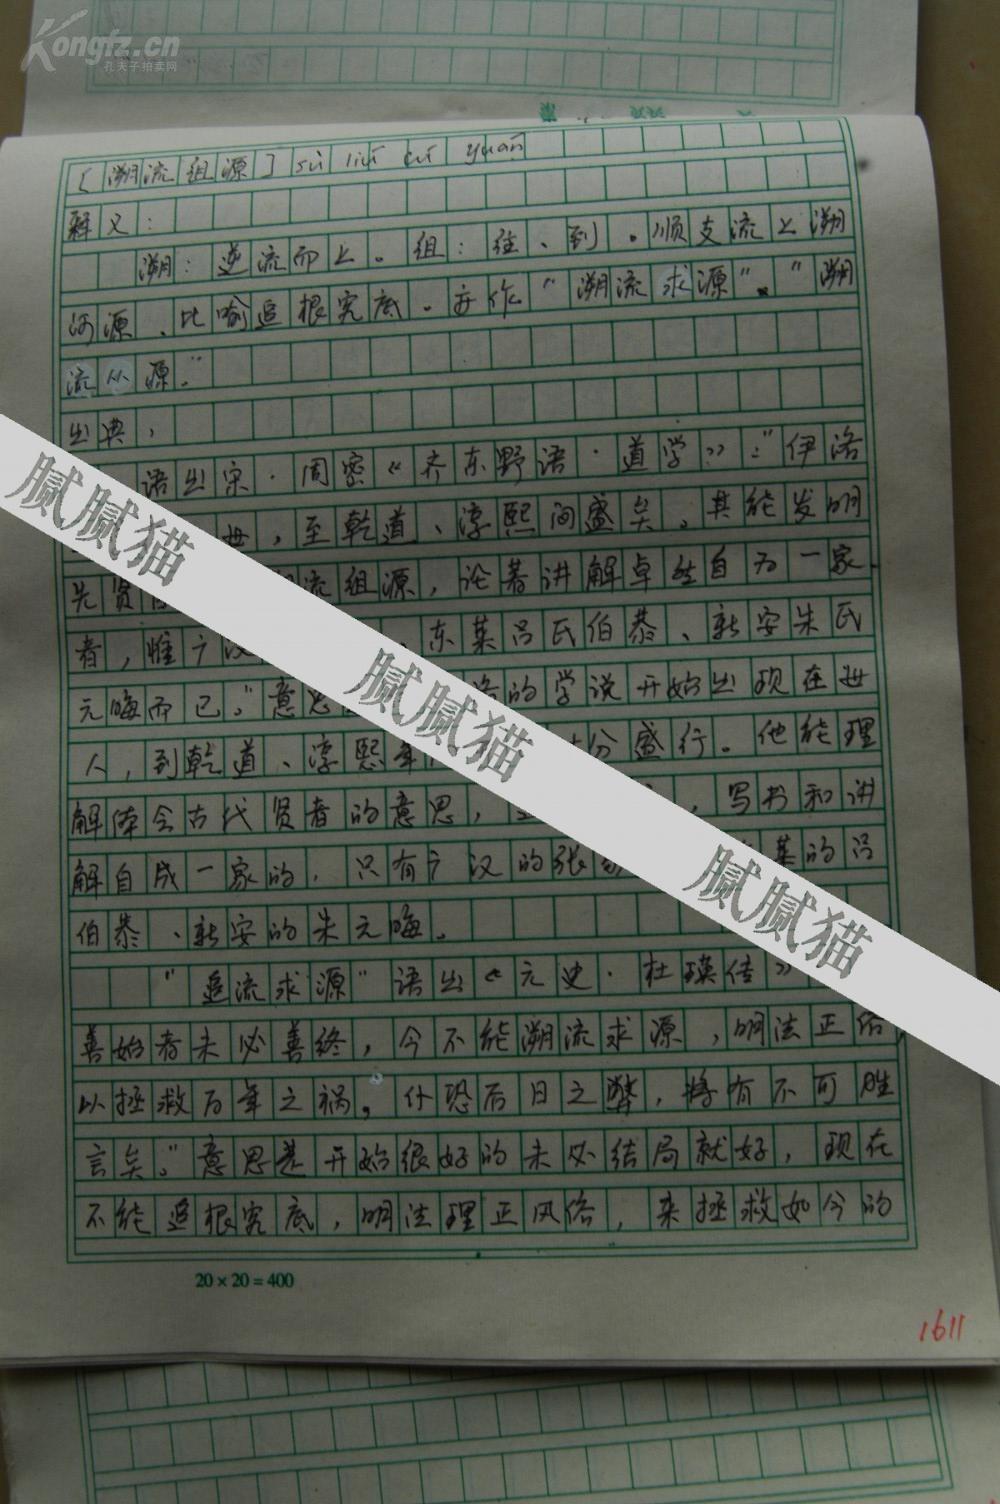 汉语成语词典 部分手稿抄件一沓